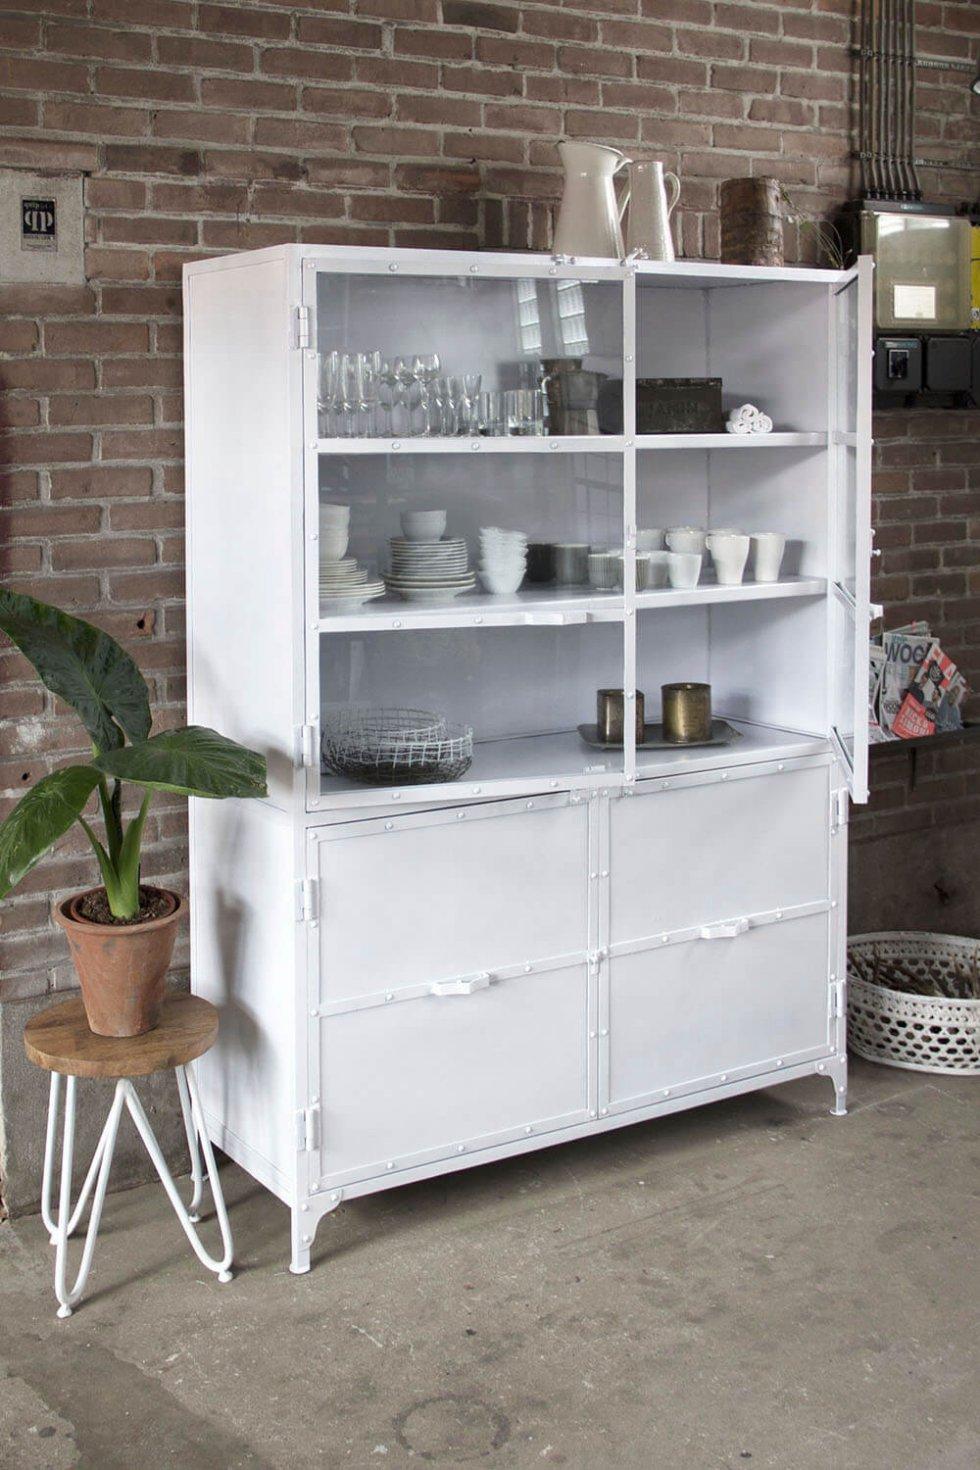 K040w Robuust industriële buffetkast, marcia giga meubel, van quip&Co